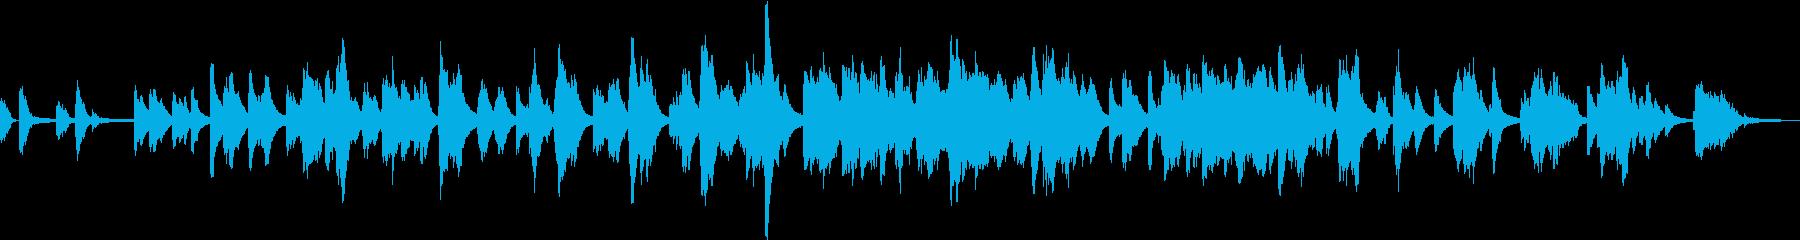 少し幻想的で切ないピアノ曲の再生済みの波形